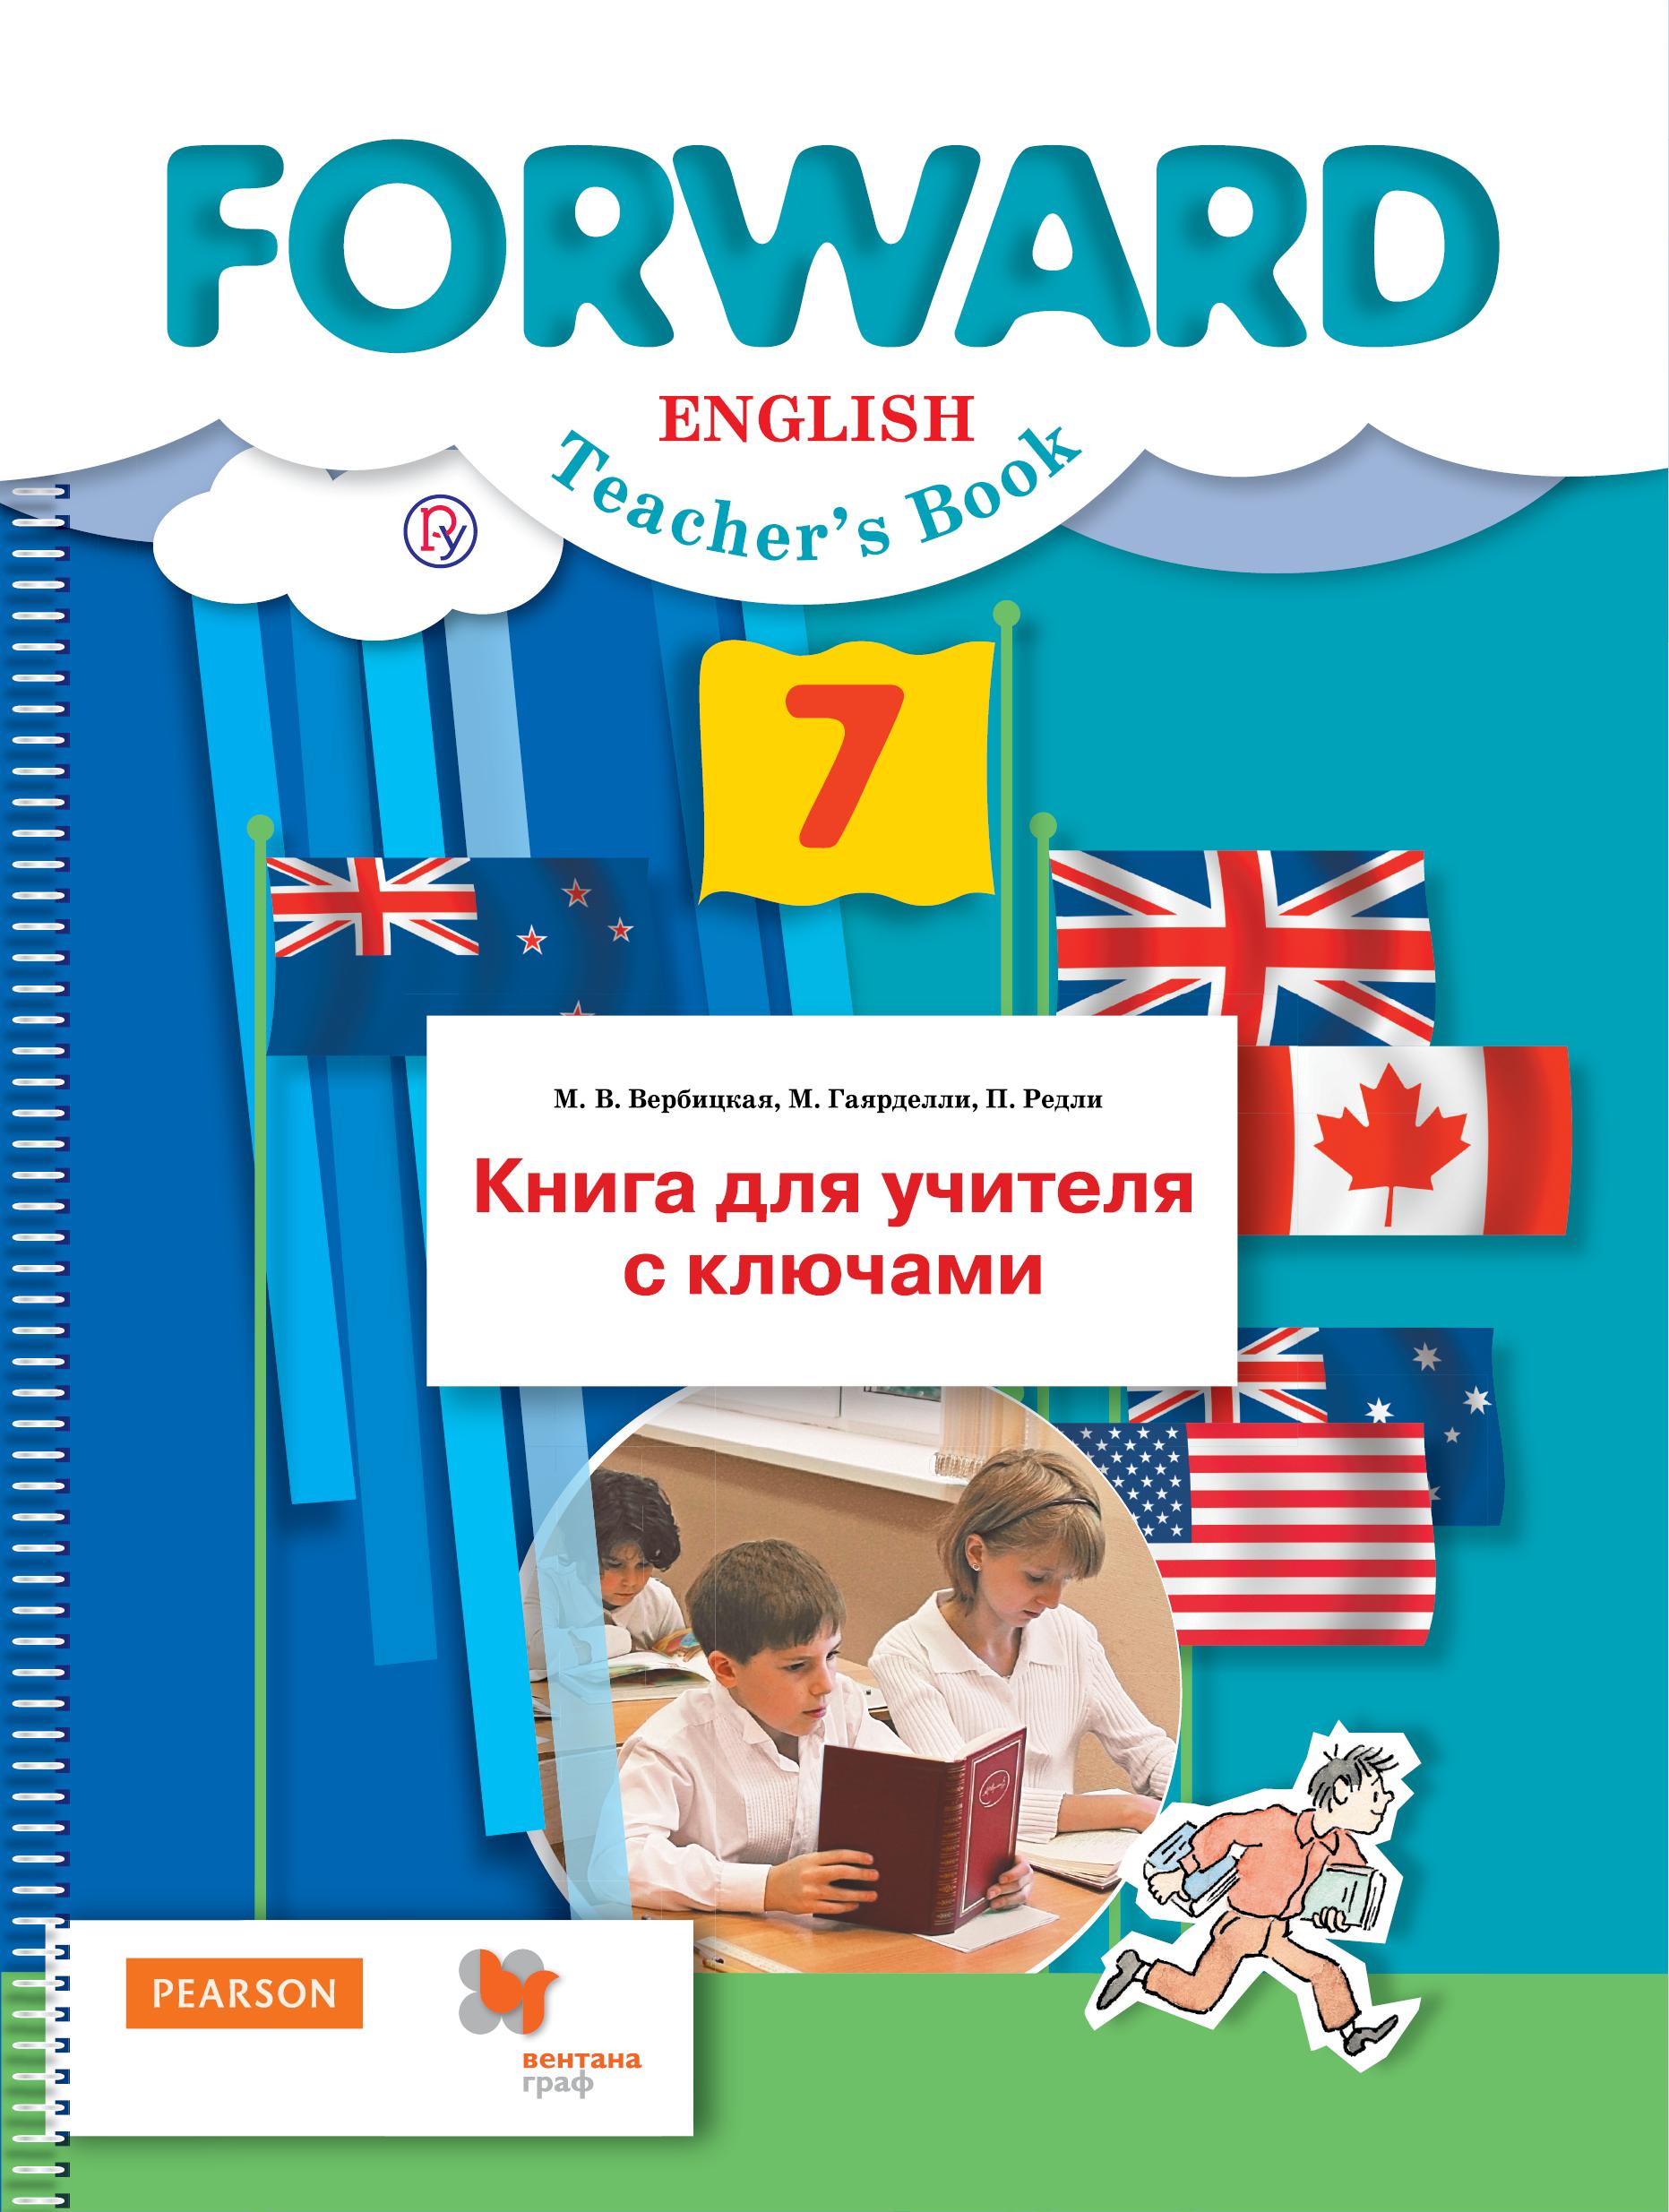 """Английский язык """"Forward"""". Книга для учителя. 7 класс Вербицкая Гаярделли Редли"""